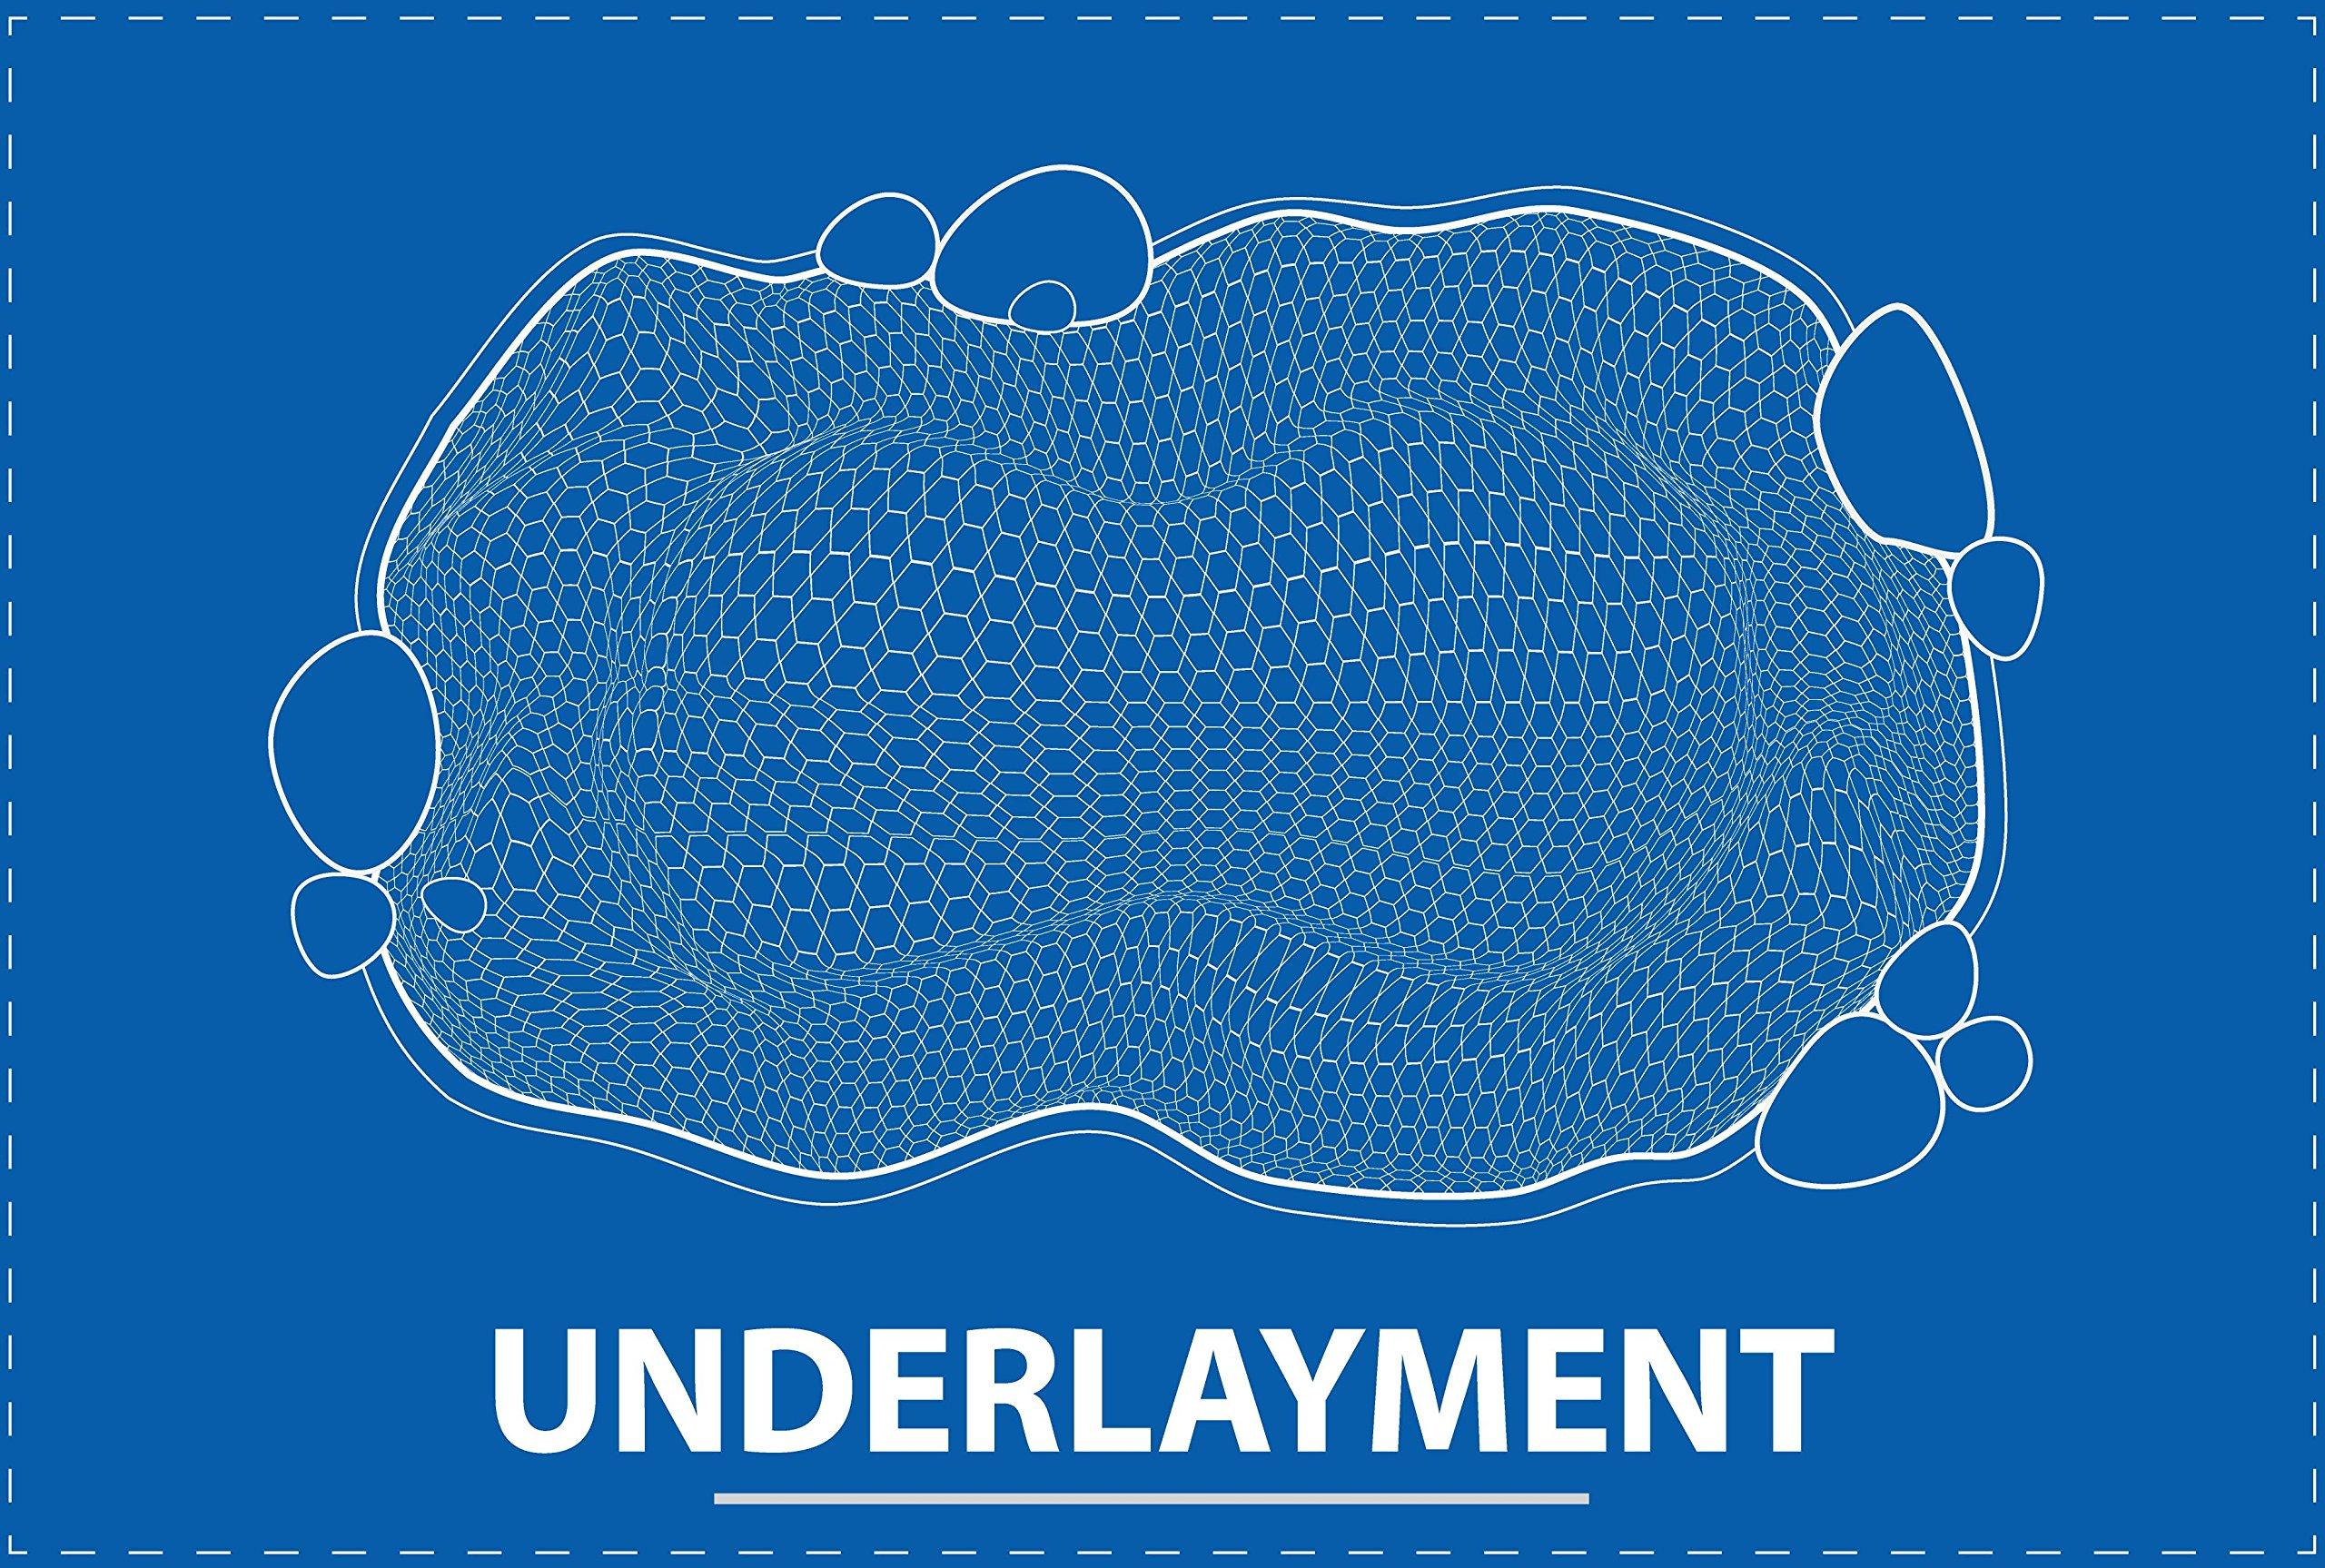 10 ft. x 20 ft. UnderGuard Geotextile Underlayment